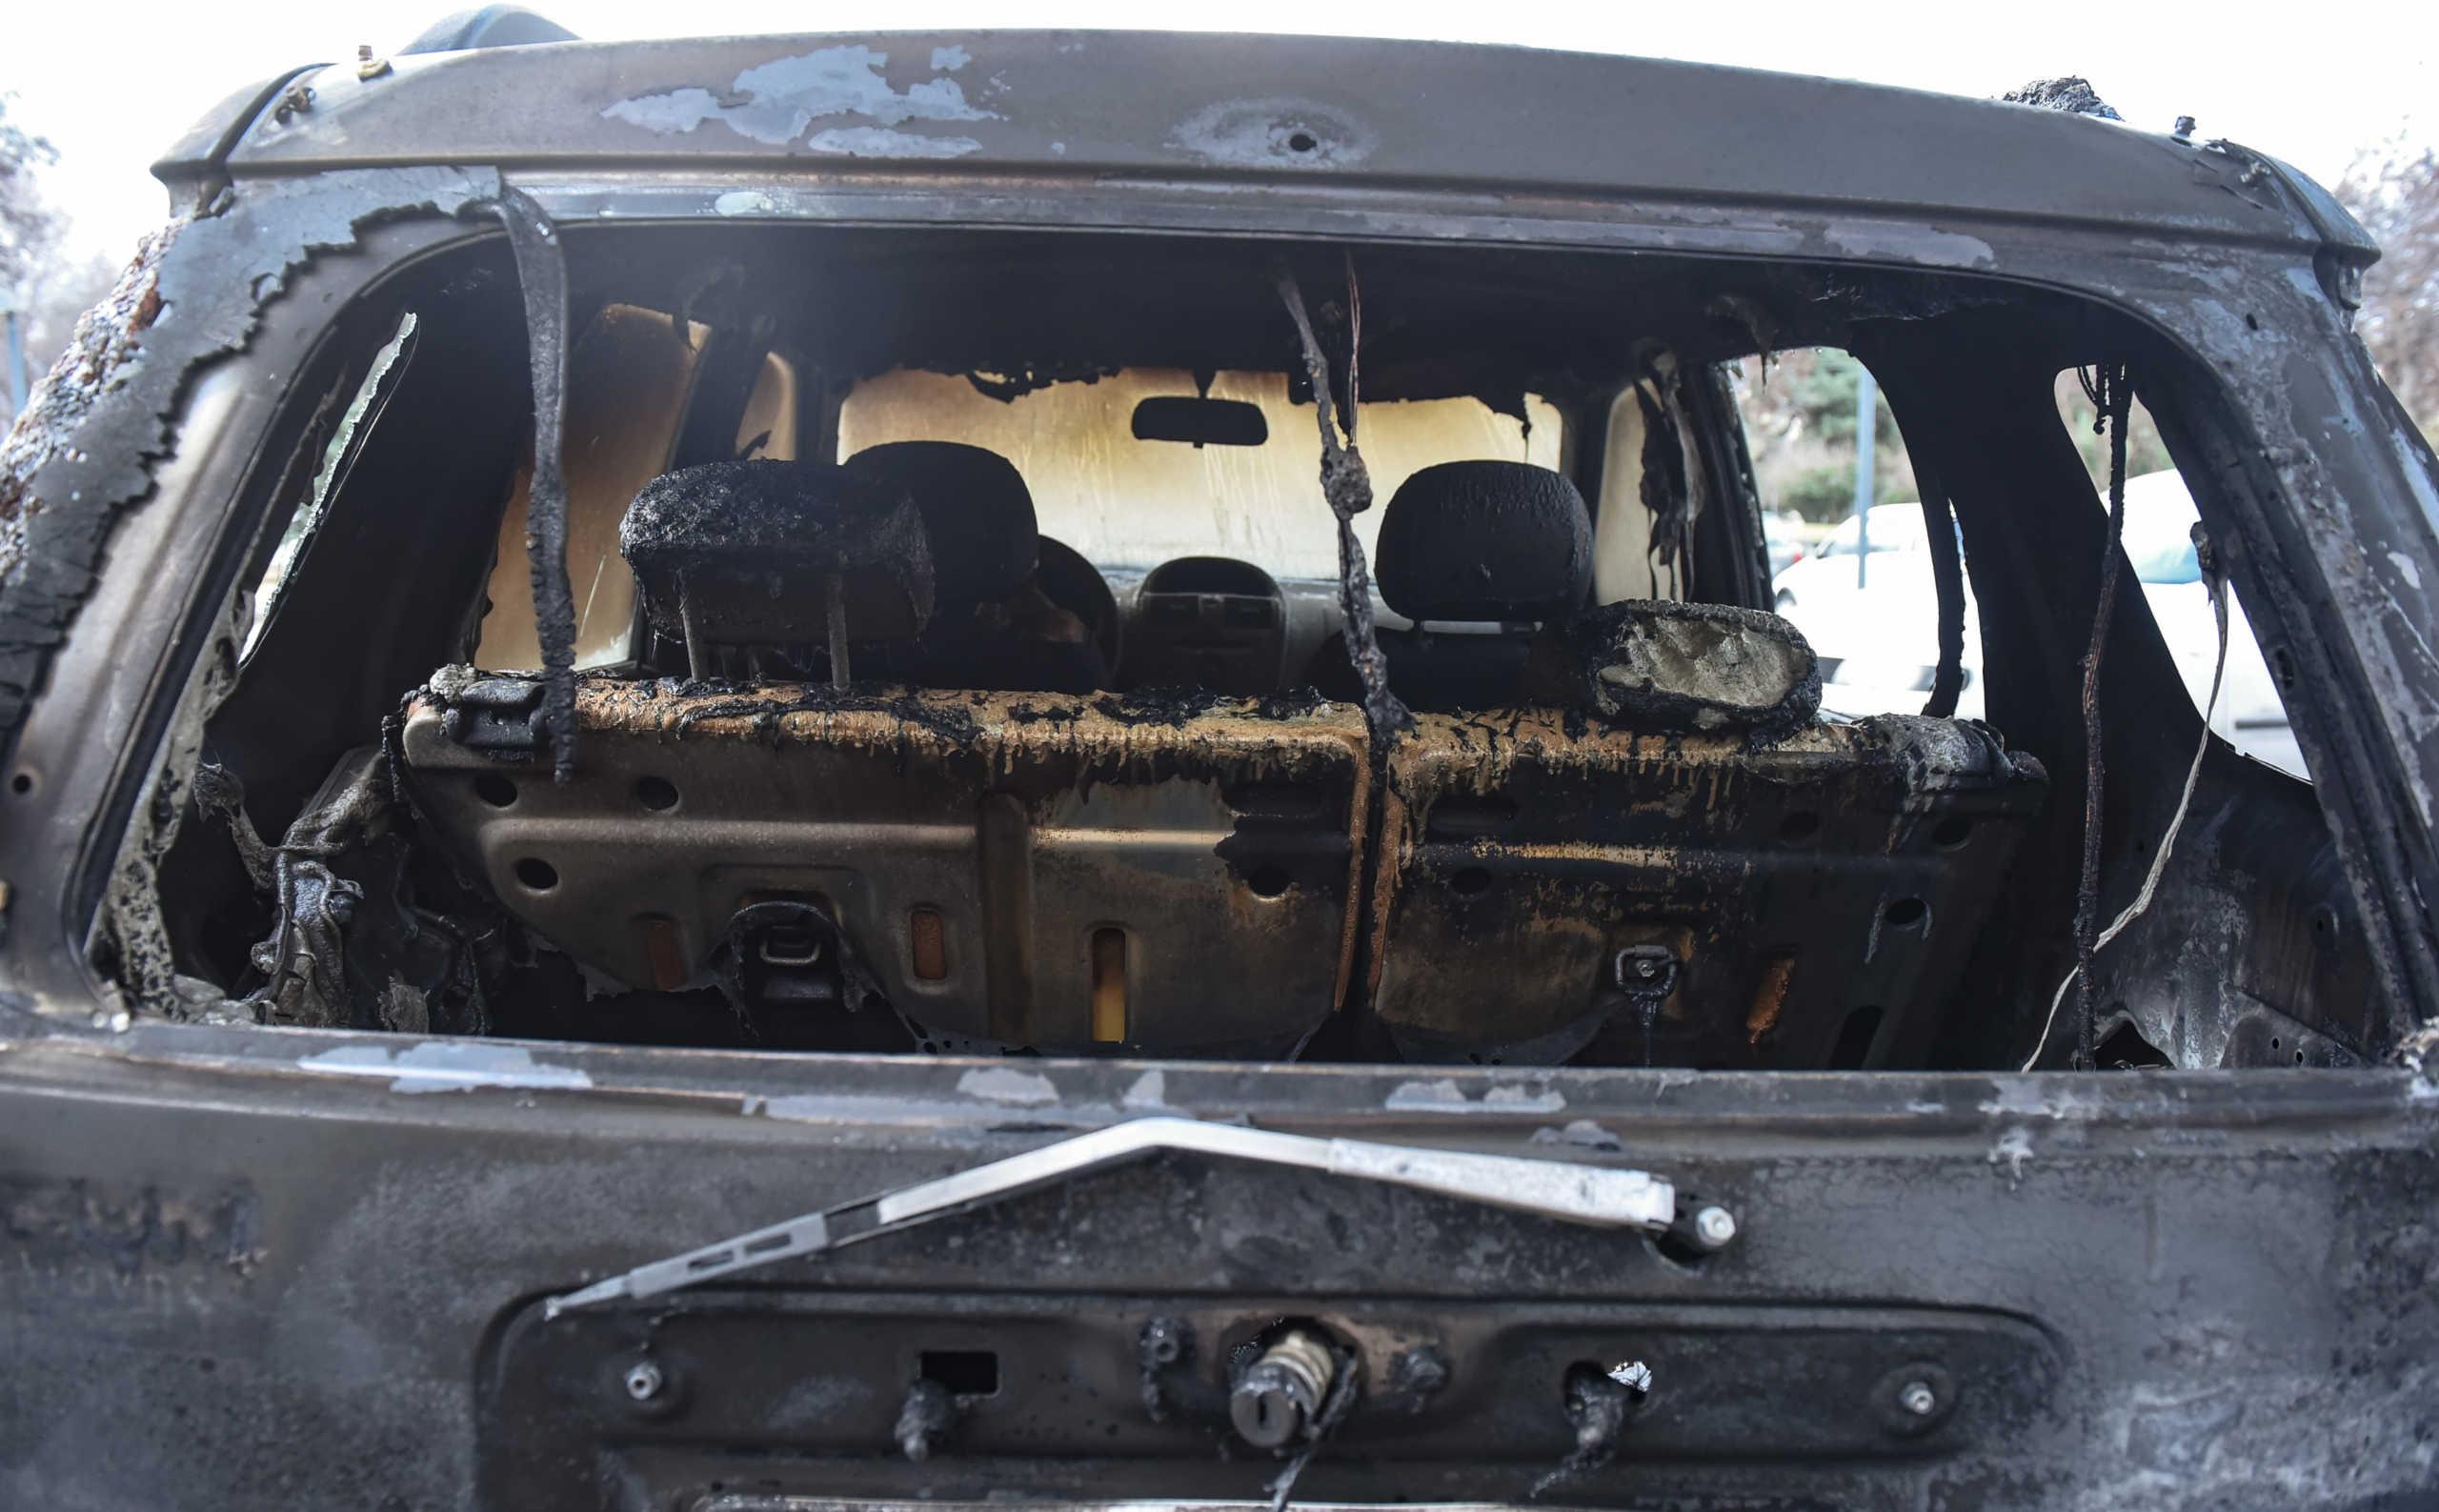 Άγνωστοι έκαψαν αυτοκίνητα στην Ευελπίδων! Προβληματισμός για το πως κατάφεραν να μπουν στο χώρο